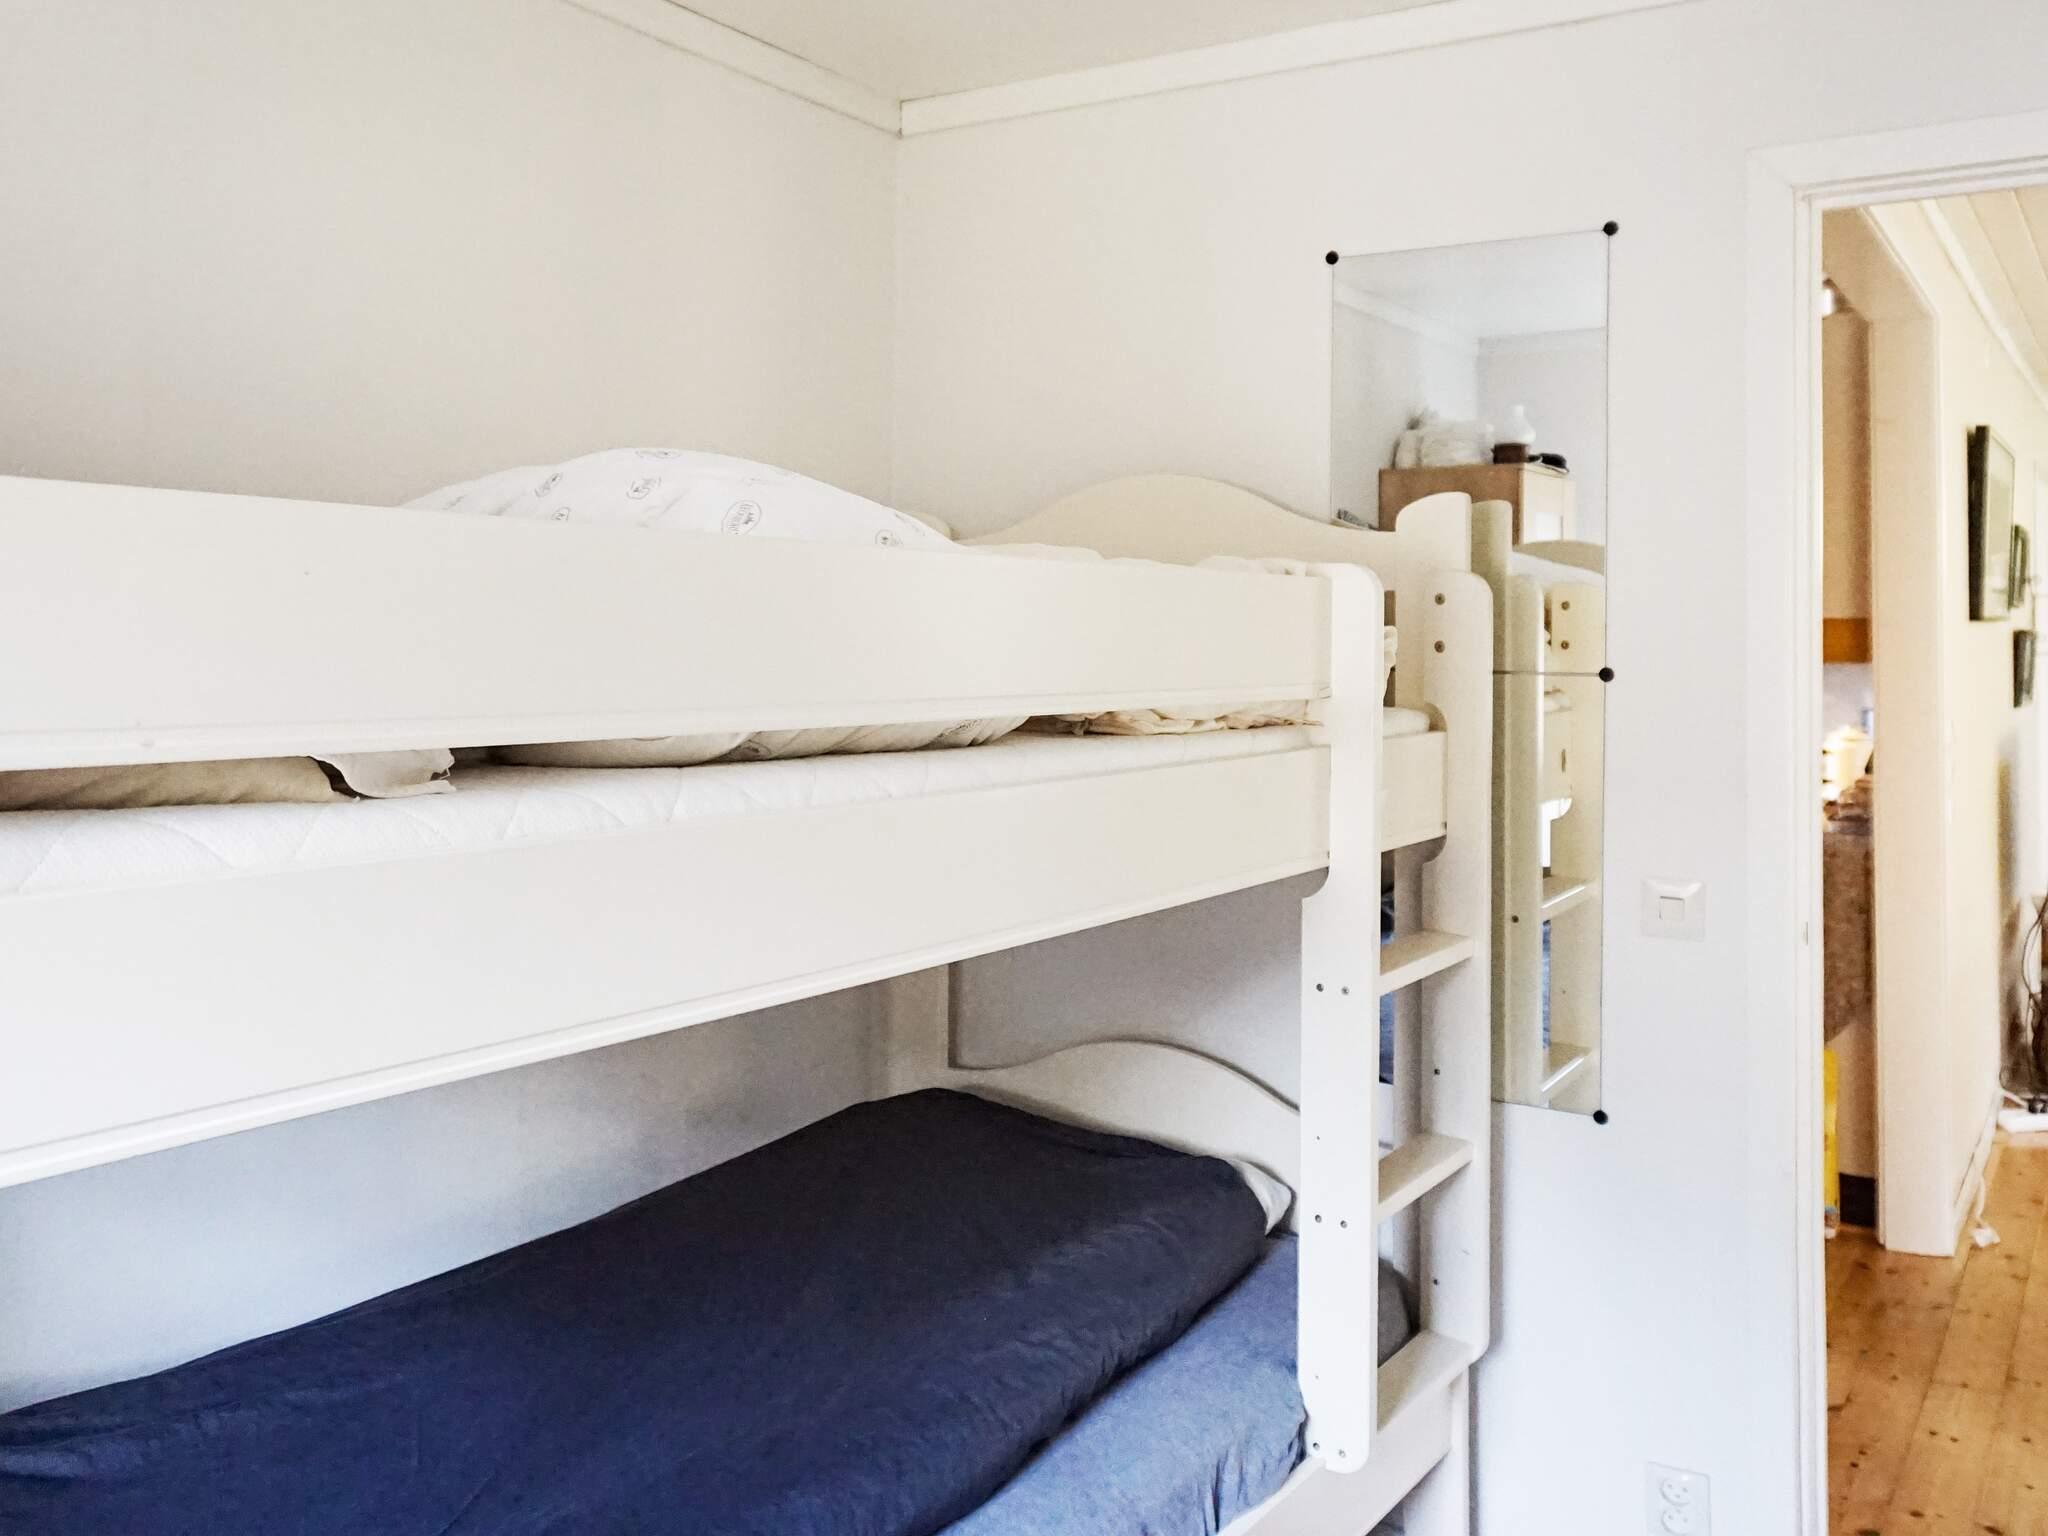 Ferienhaus Raftötången (2617885), Tanumshede, Västra Götaland län, Westschweden, Schweden, Bild 9